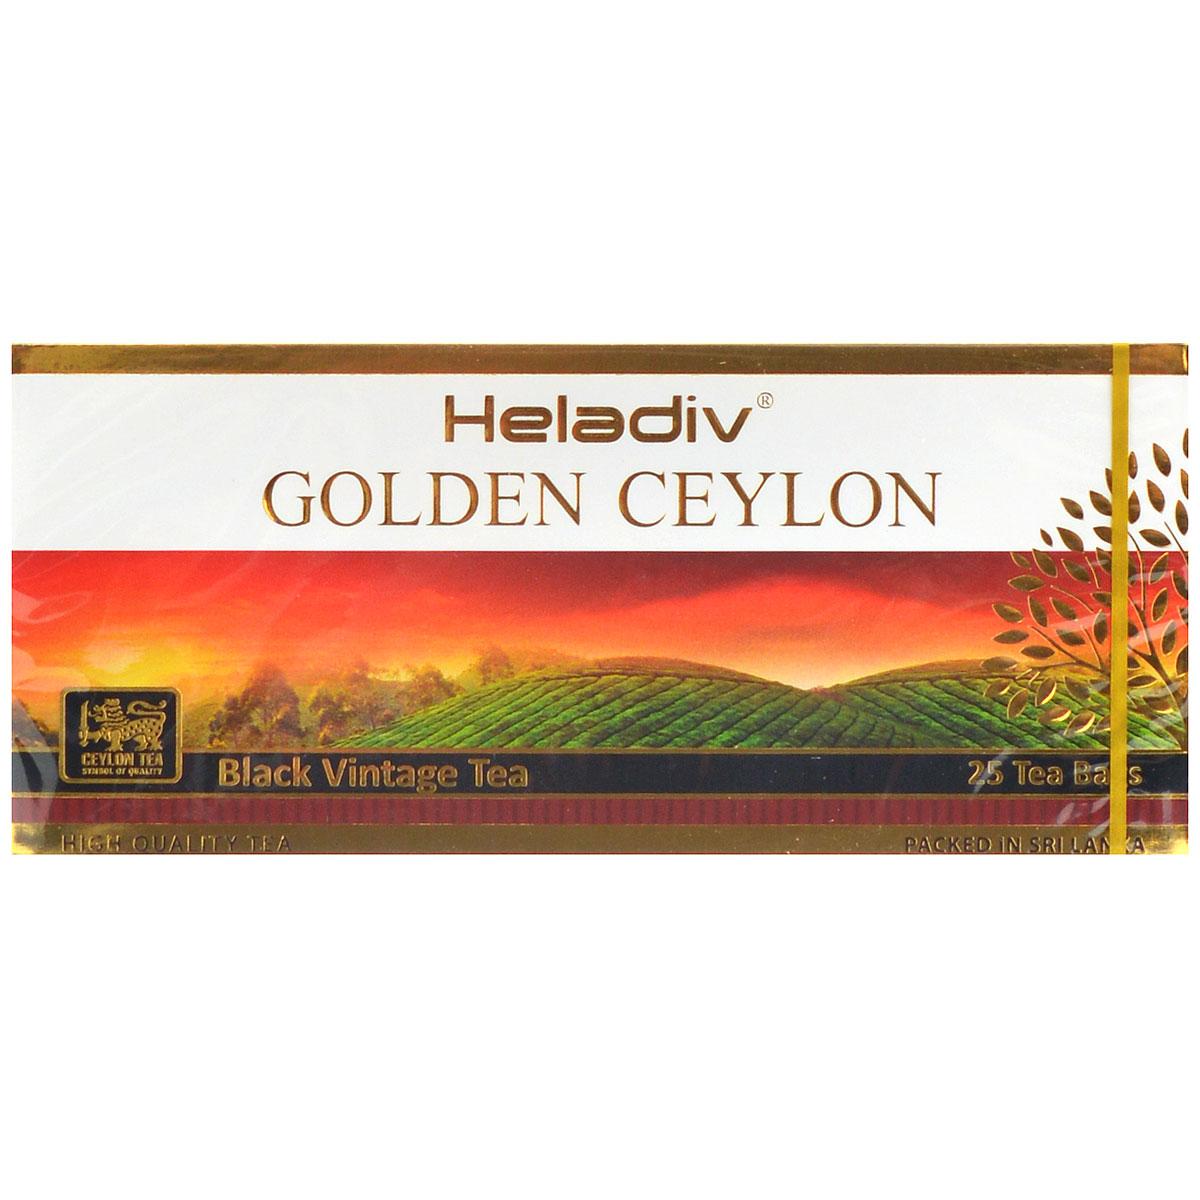 Heladiv Golden Ceylon Vintage Black черный пакетированный чай, 25 пакетиков jin июня mei golden брови уишаньский черный чай распродажа